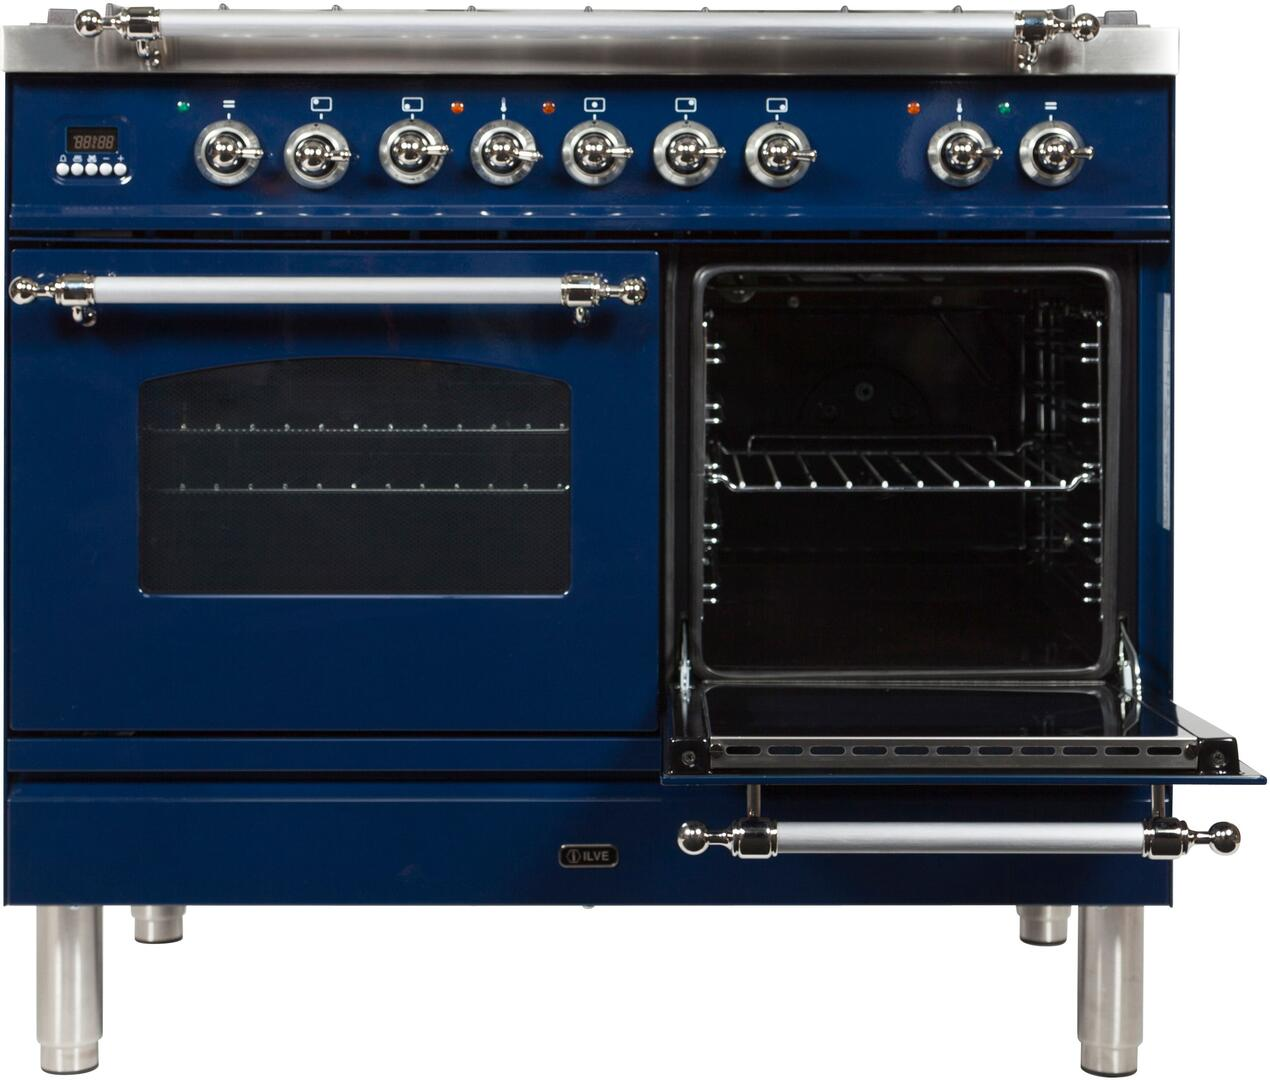 Ilve Nostalgie UPDN100FDMPBLXLP Freestanding Dual Fuel Range Blue, UPDN100FDMPBLXLP Secondary Oven Door Opened